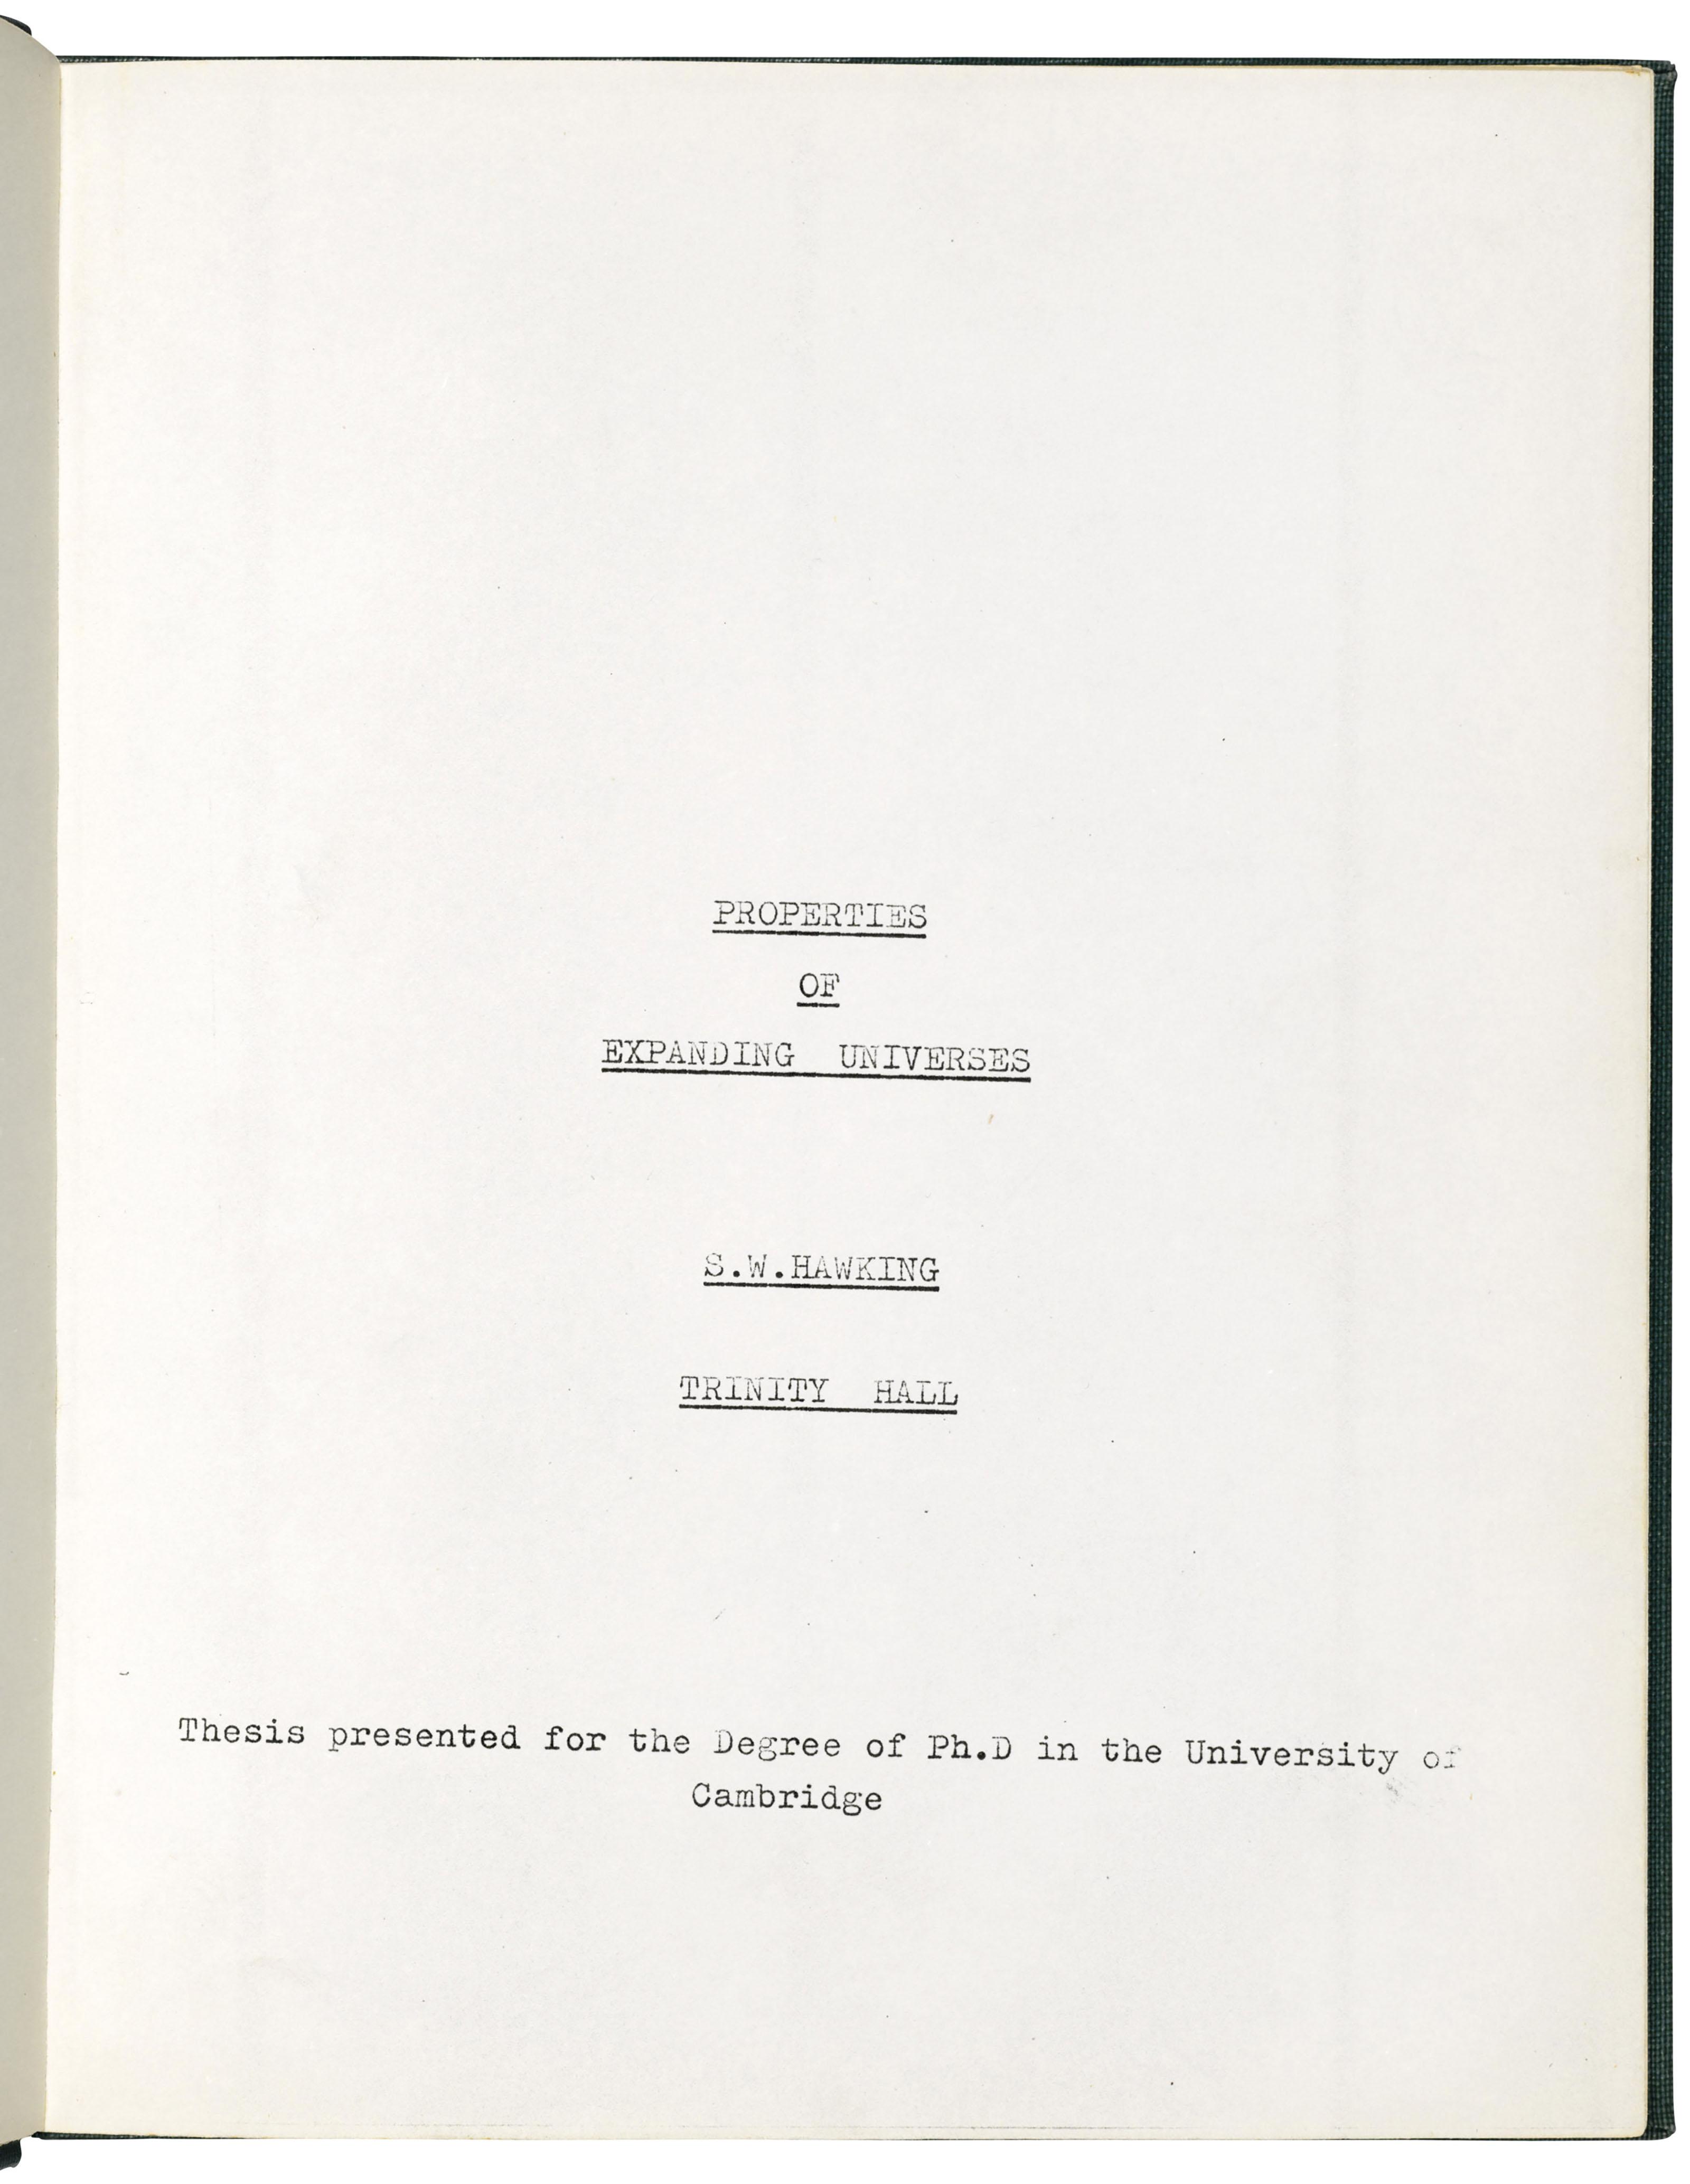 'This dissertation is my original work'